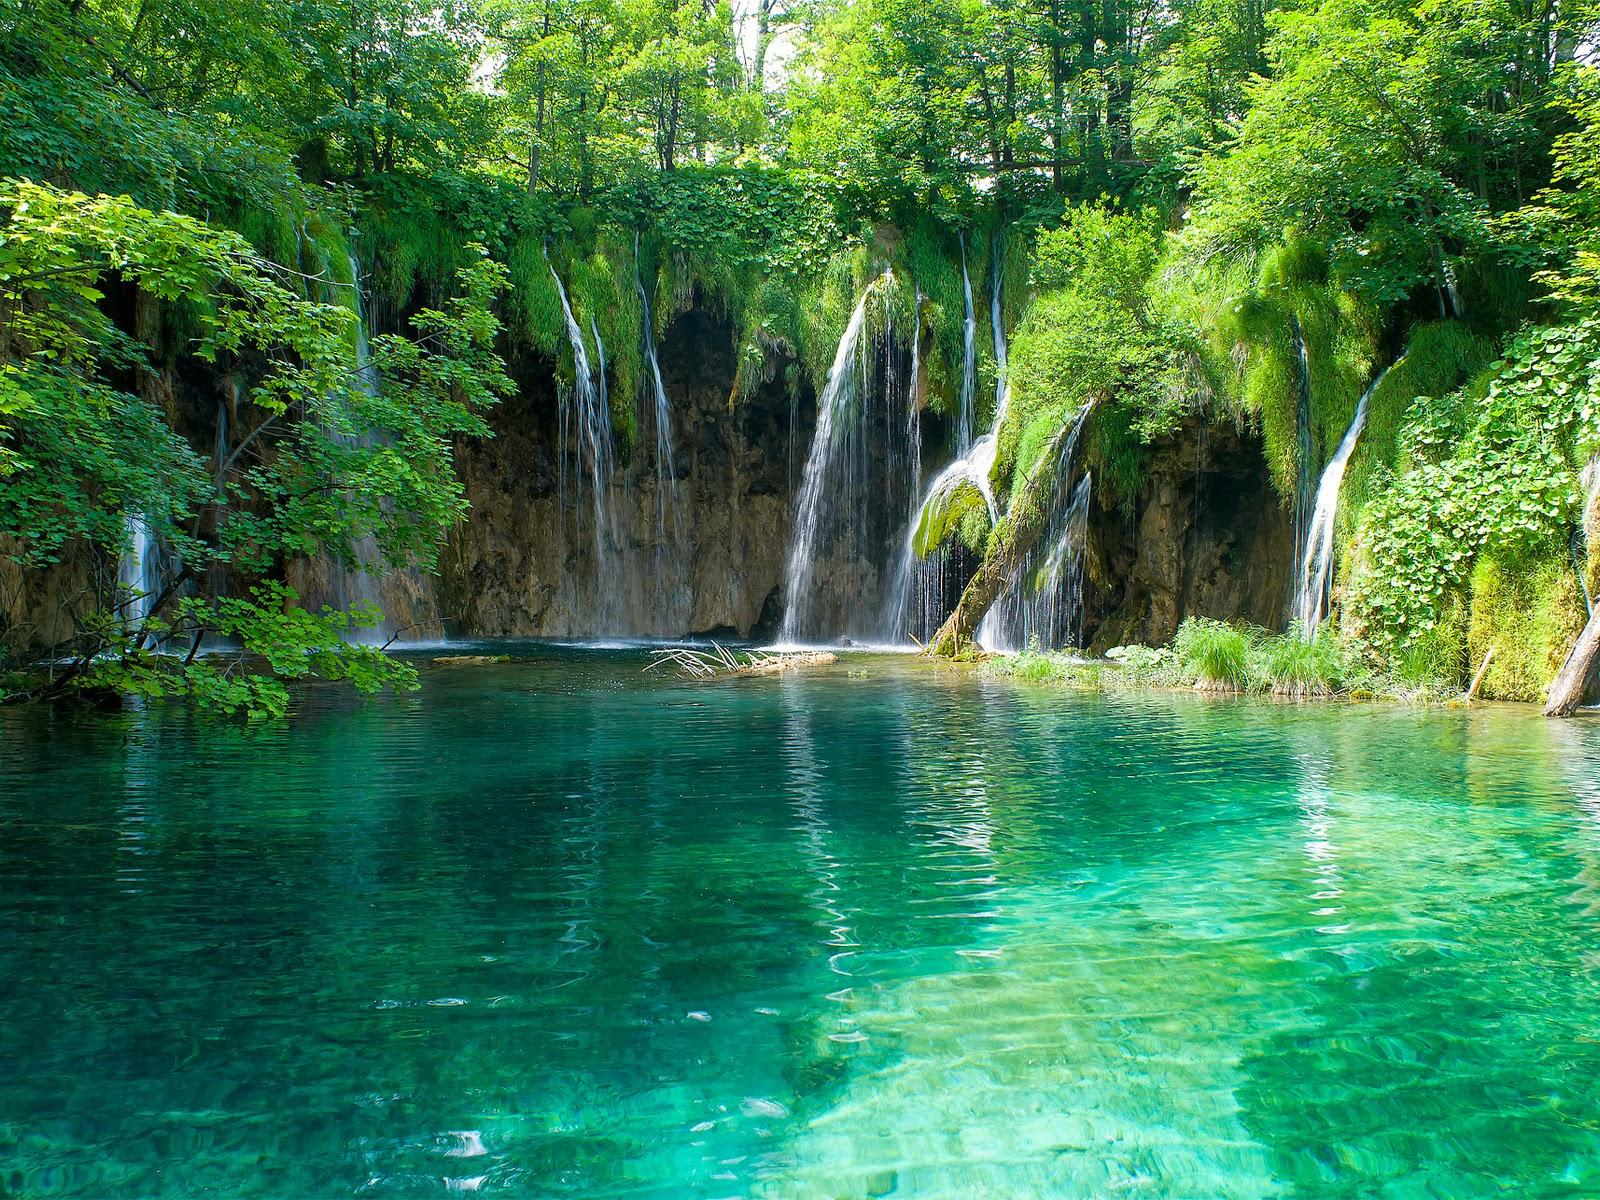 cascadas de agua en el bosque enrte árboles